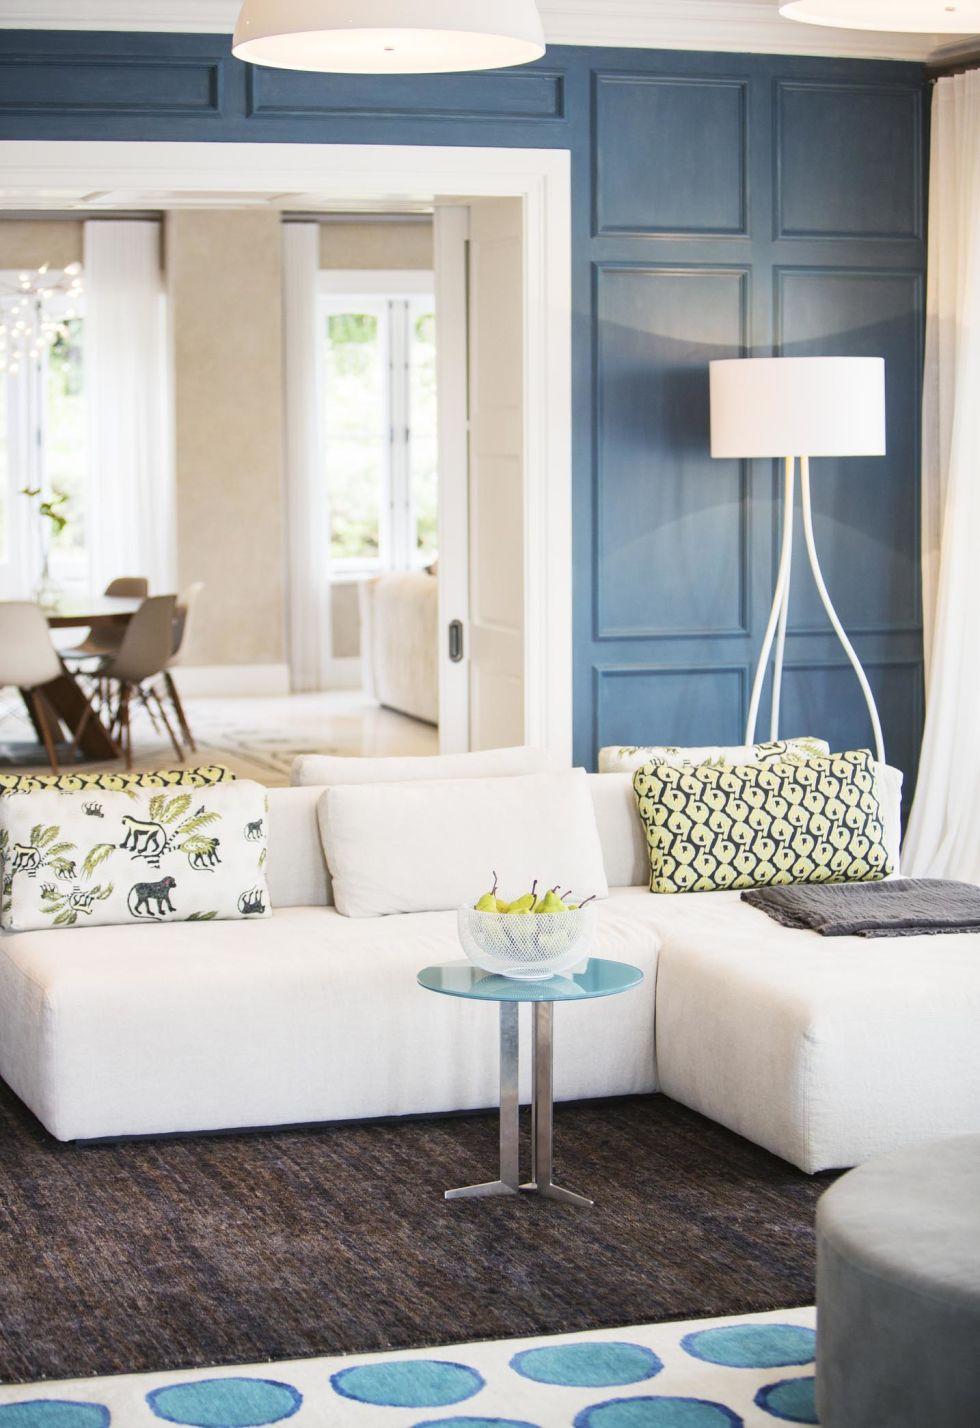 Interior Designer Thoughts Trim Millwork